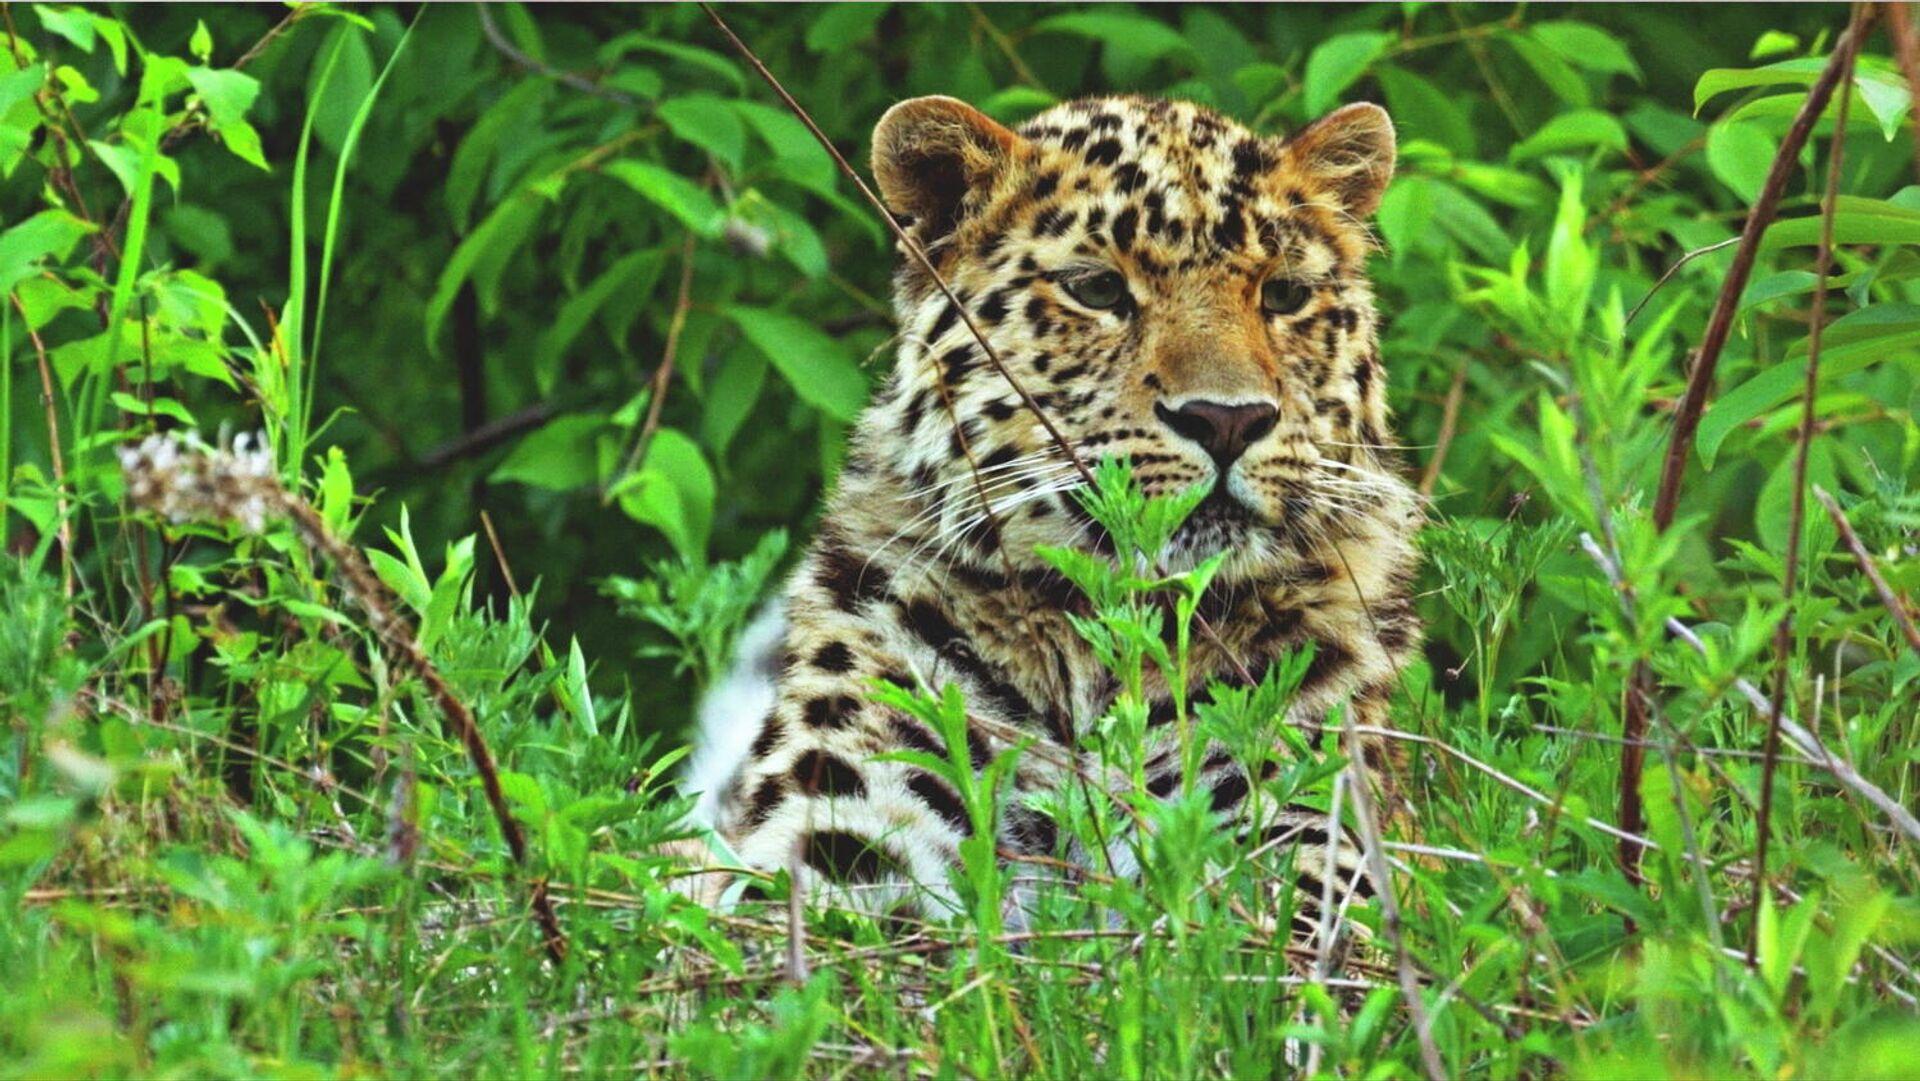 Дальневосточный леопард - РИА Новости, 1920, 01.03.2021